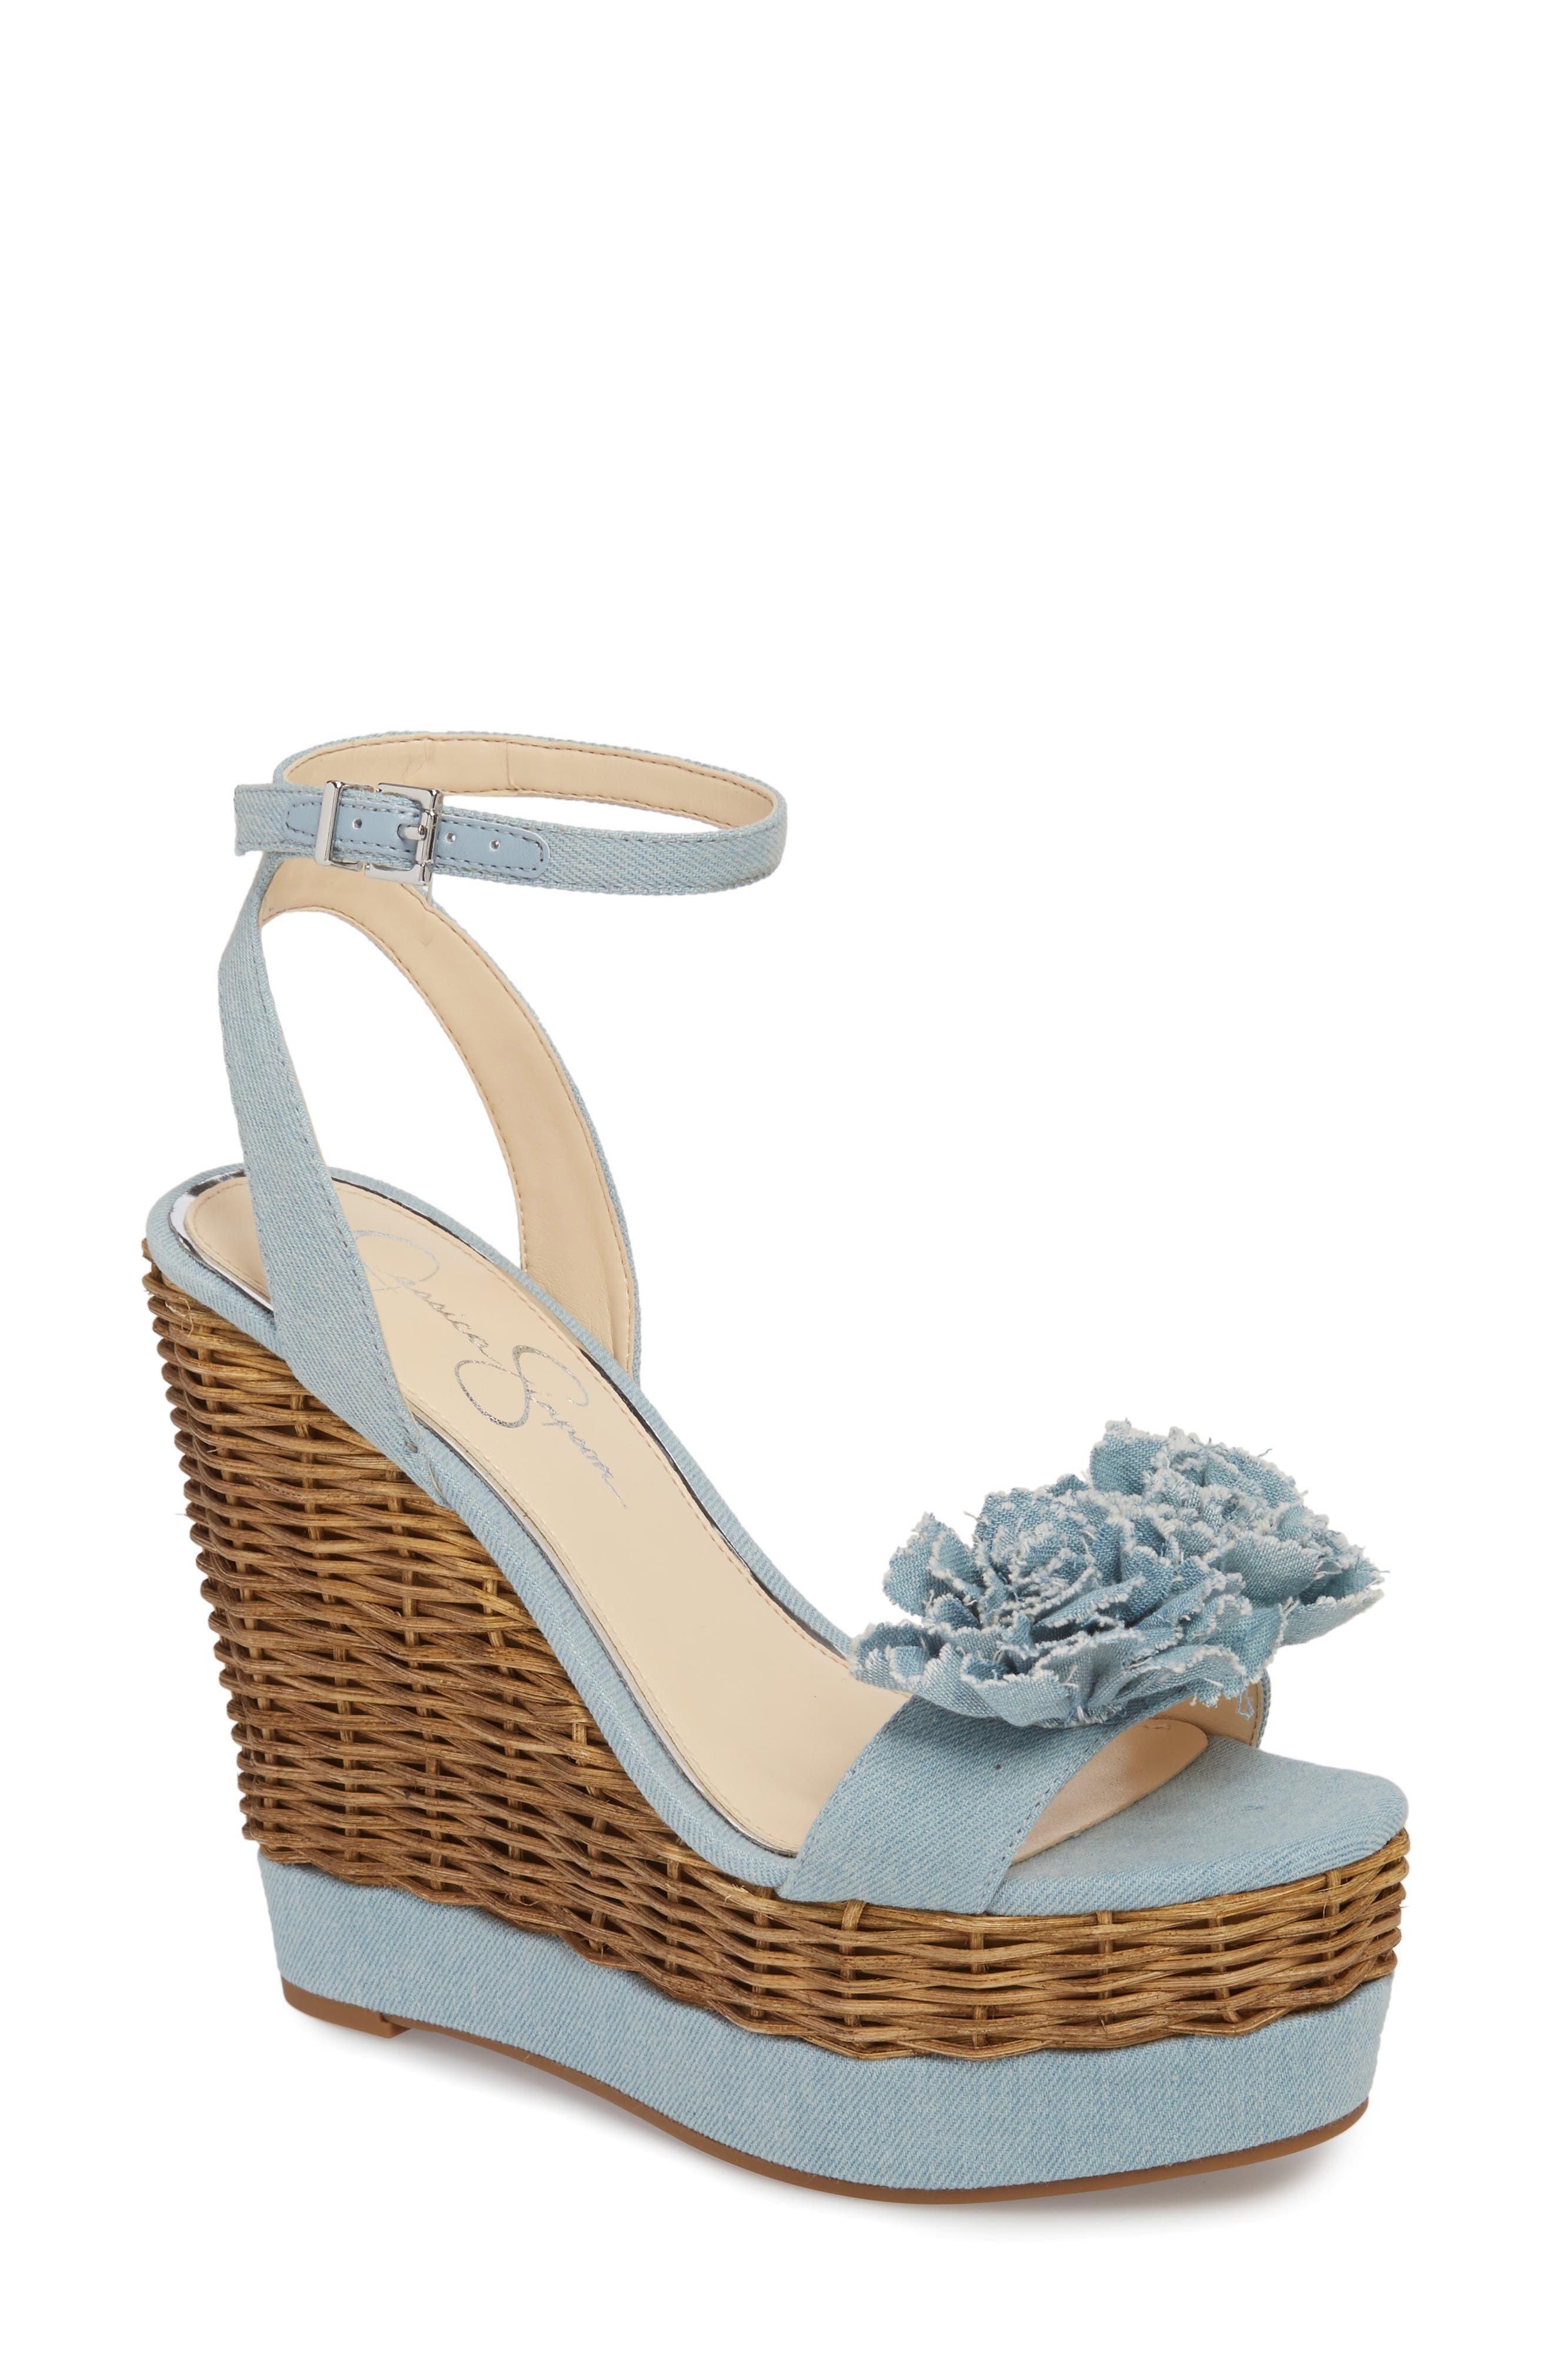 Pressa Platform Wedge Sandal,                         Main,                         color, VINTAGE BLUE